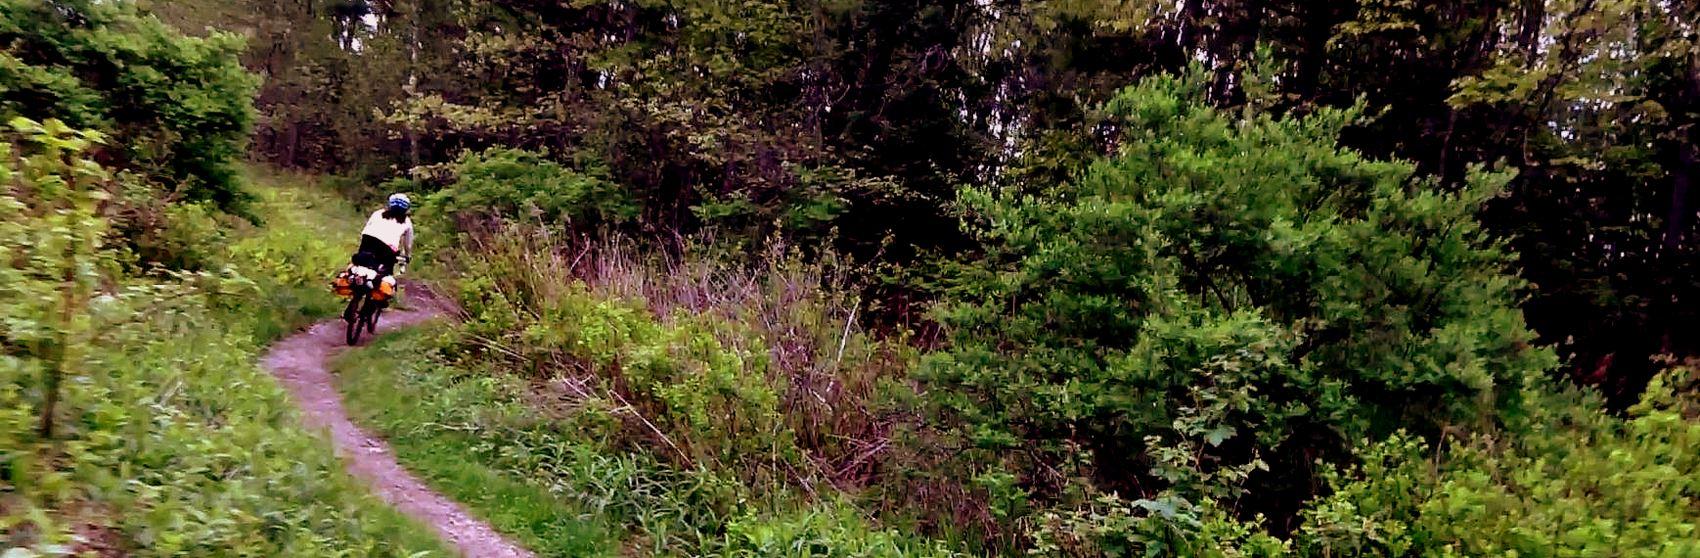 Into-the-woods-bikepacking-video-image-Rob-Vandermark.jpg